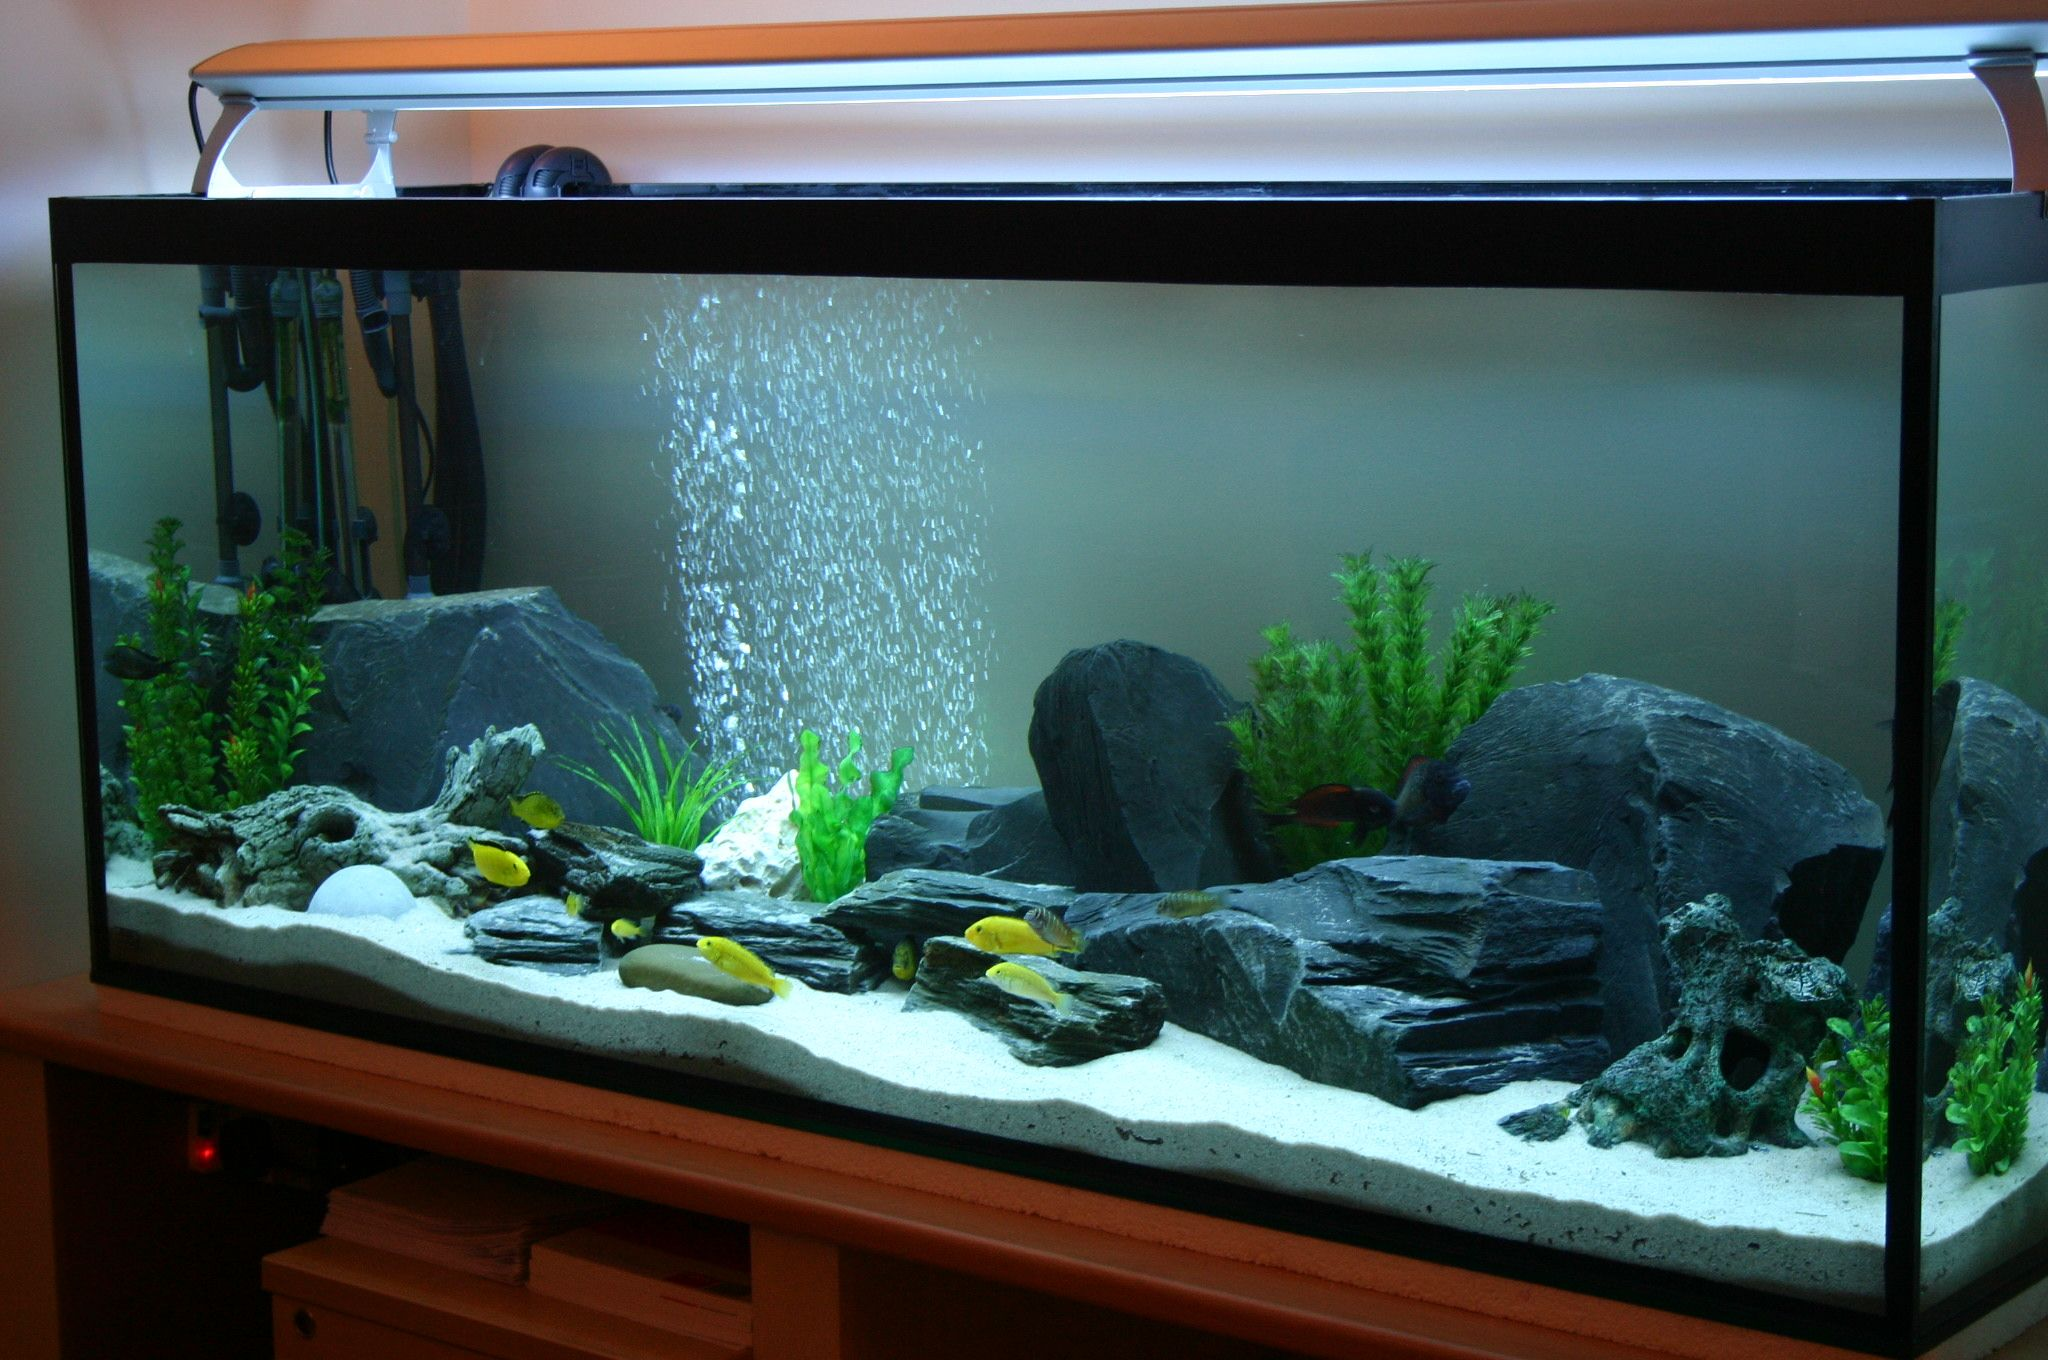 a38840bb77729ce000cd8bacd0051abd Frais De Aquarium 450 Litres Des Idées